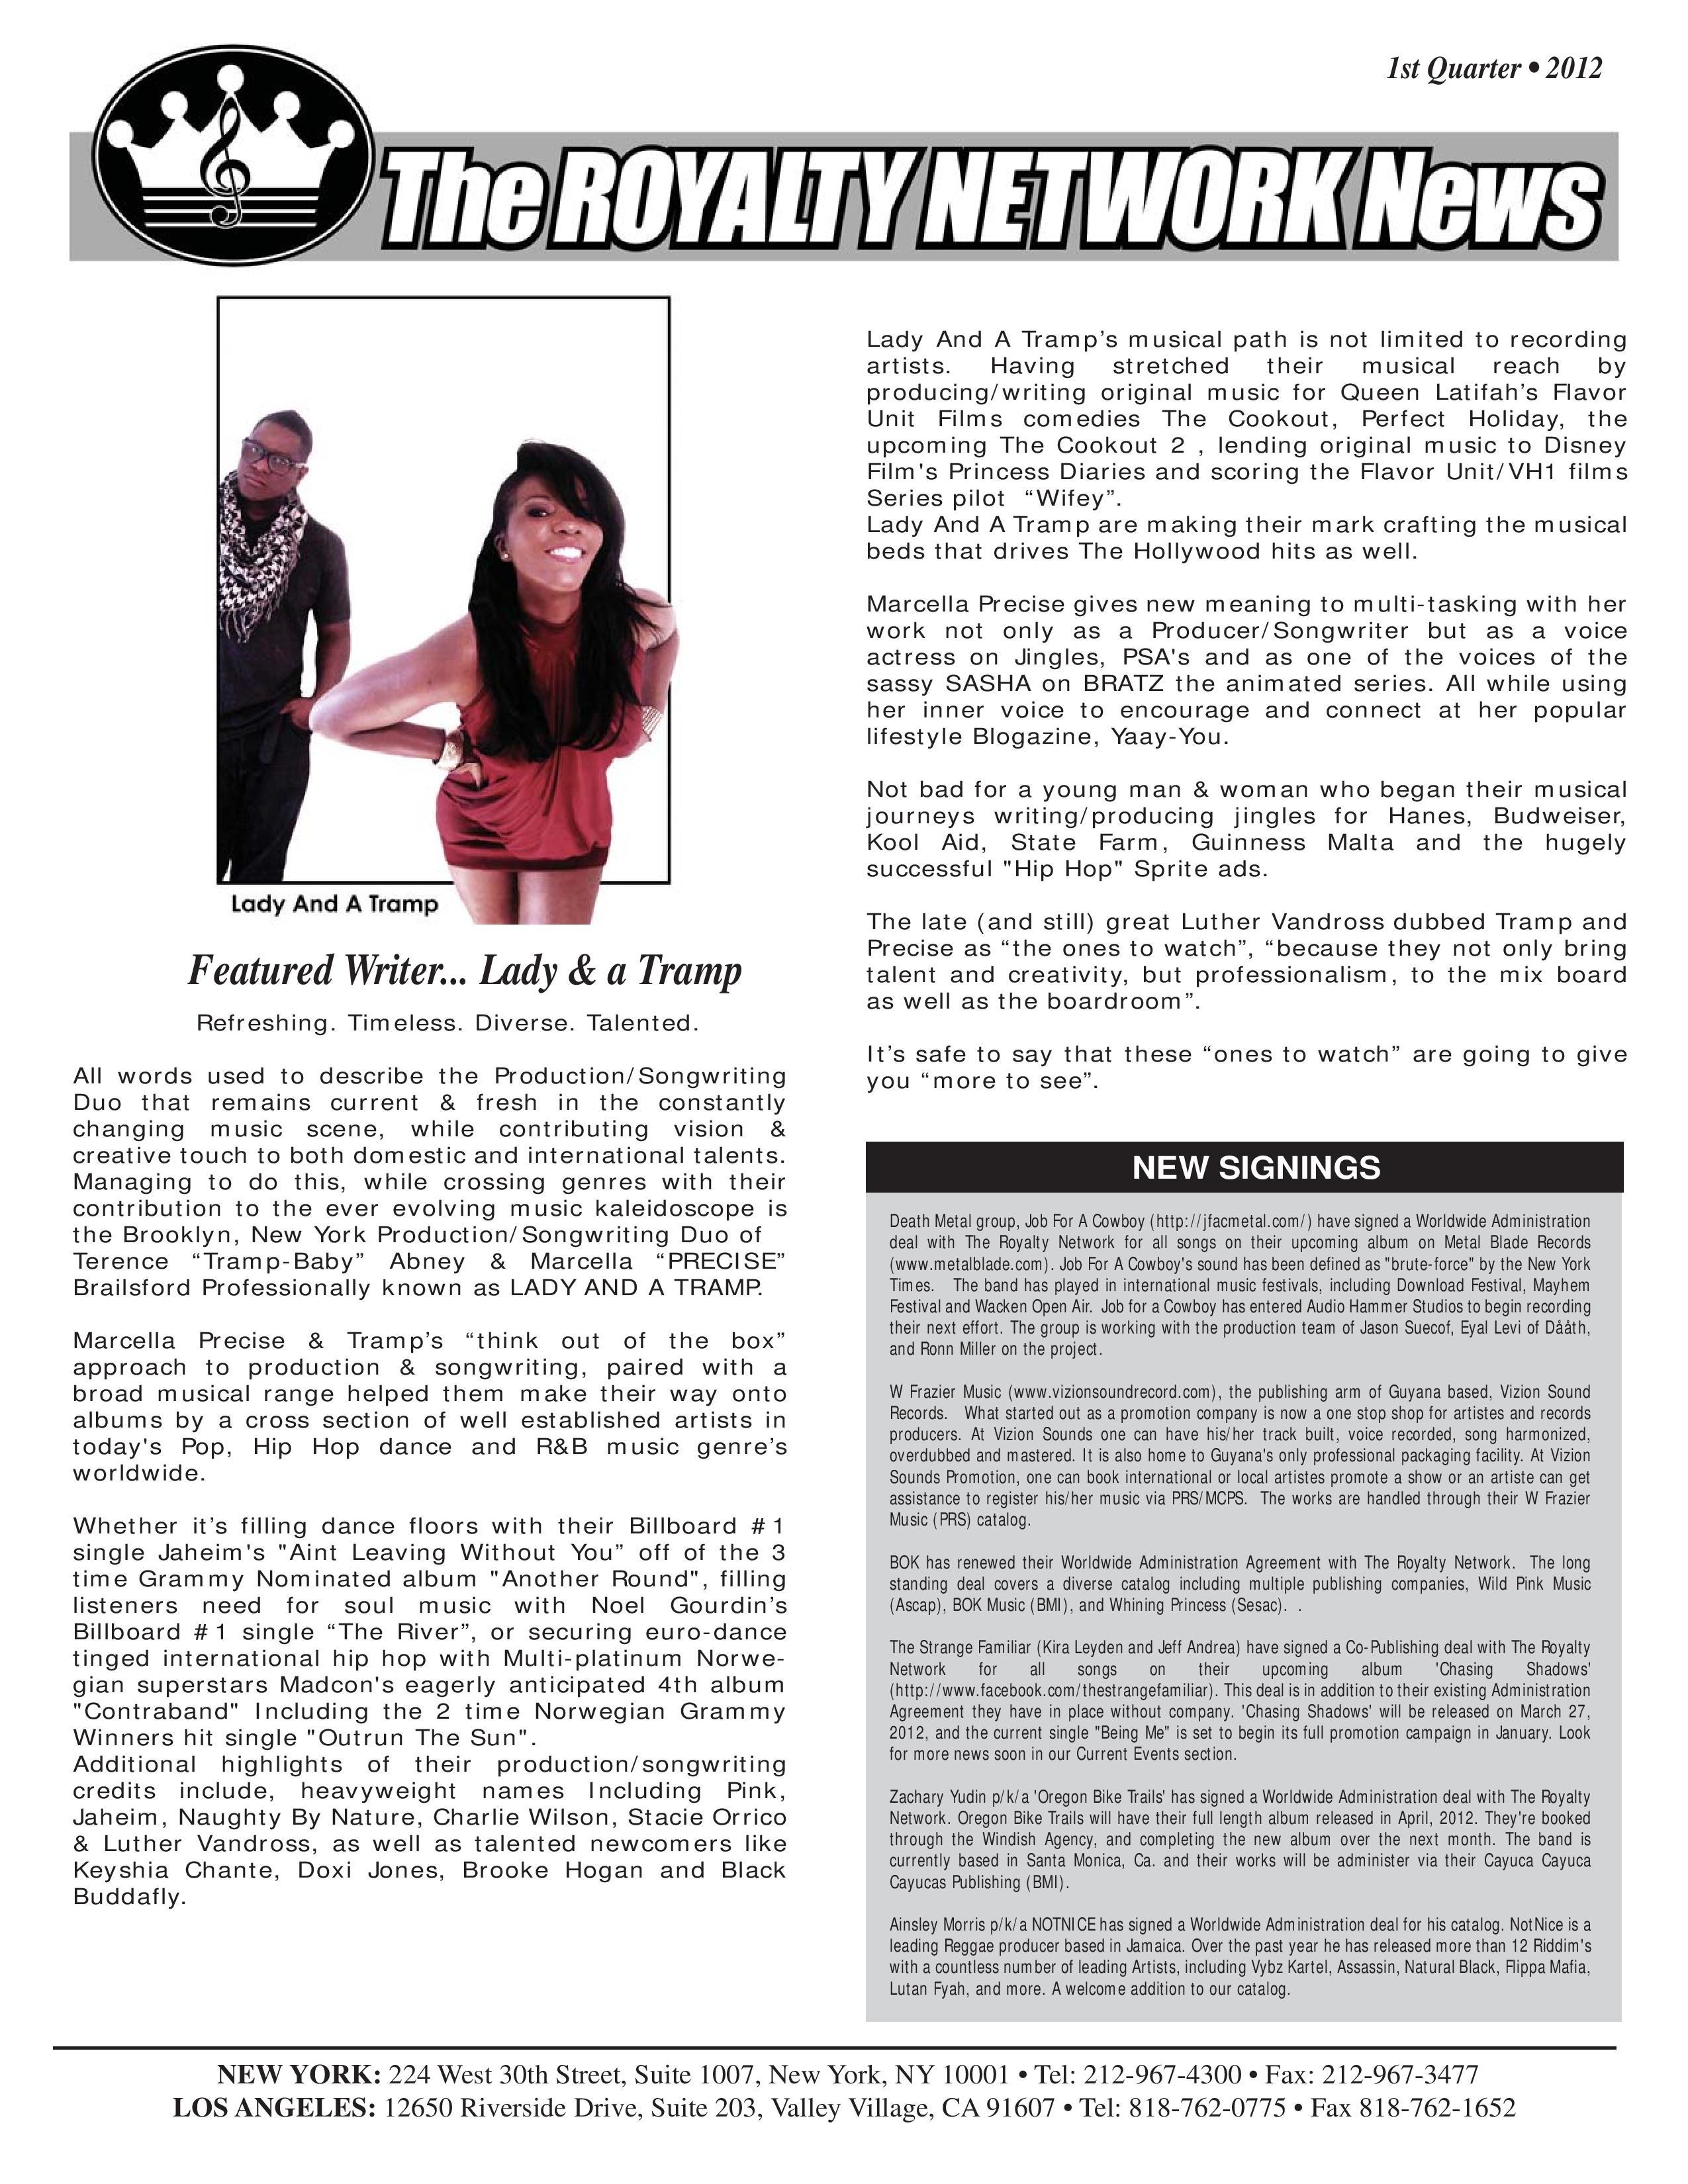 1st Quarter 2012 Newsletter